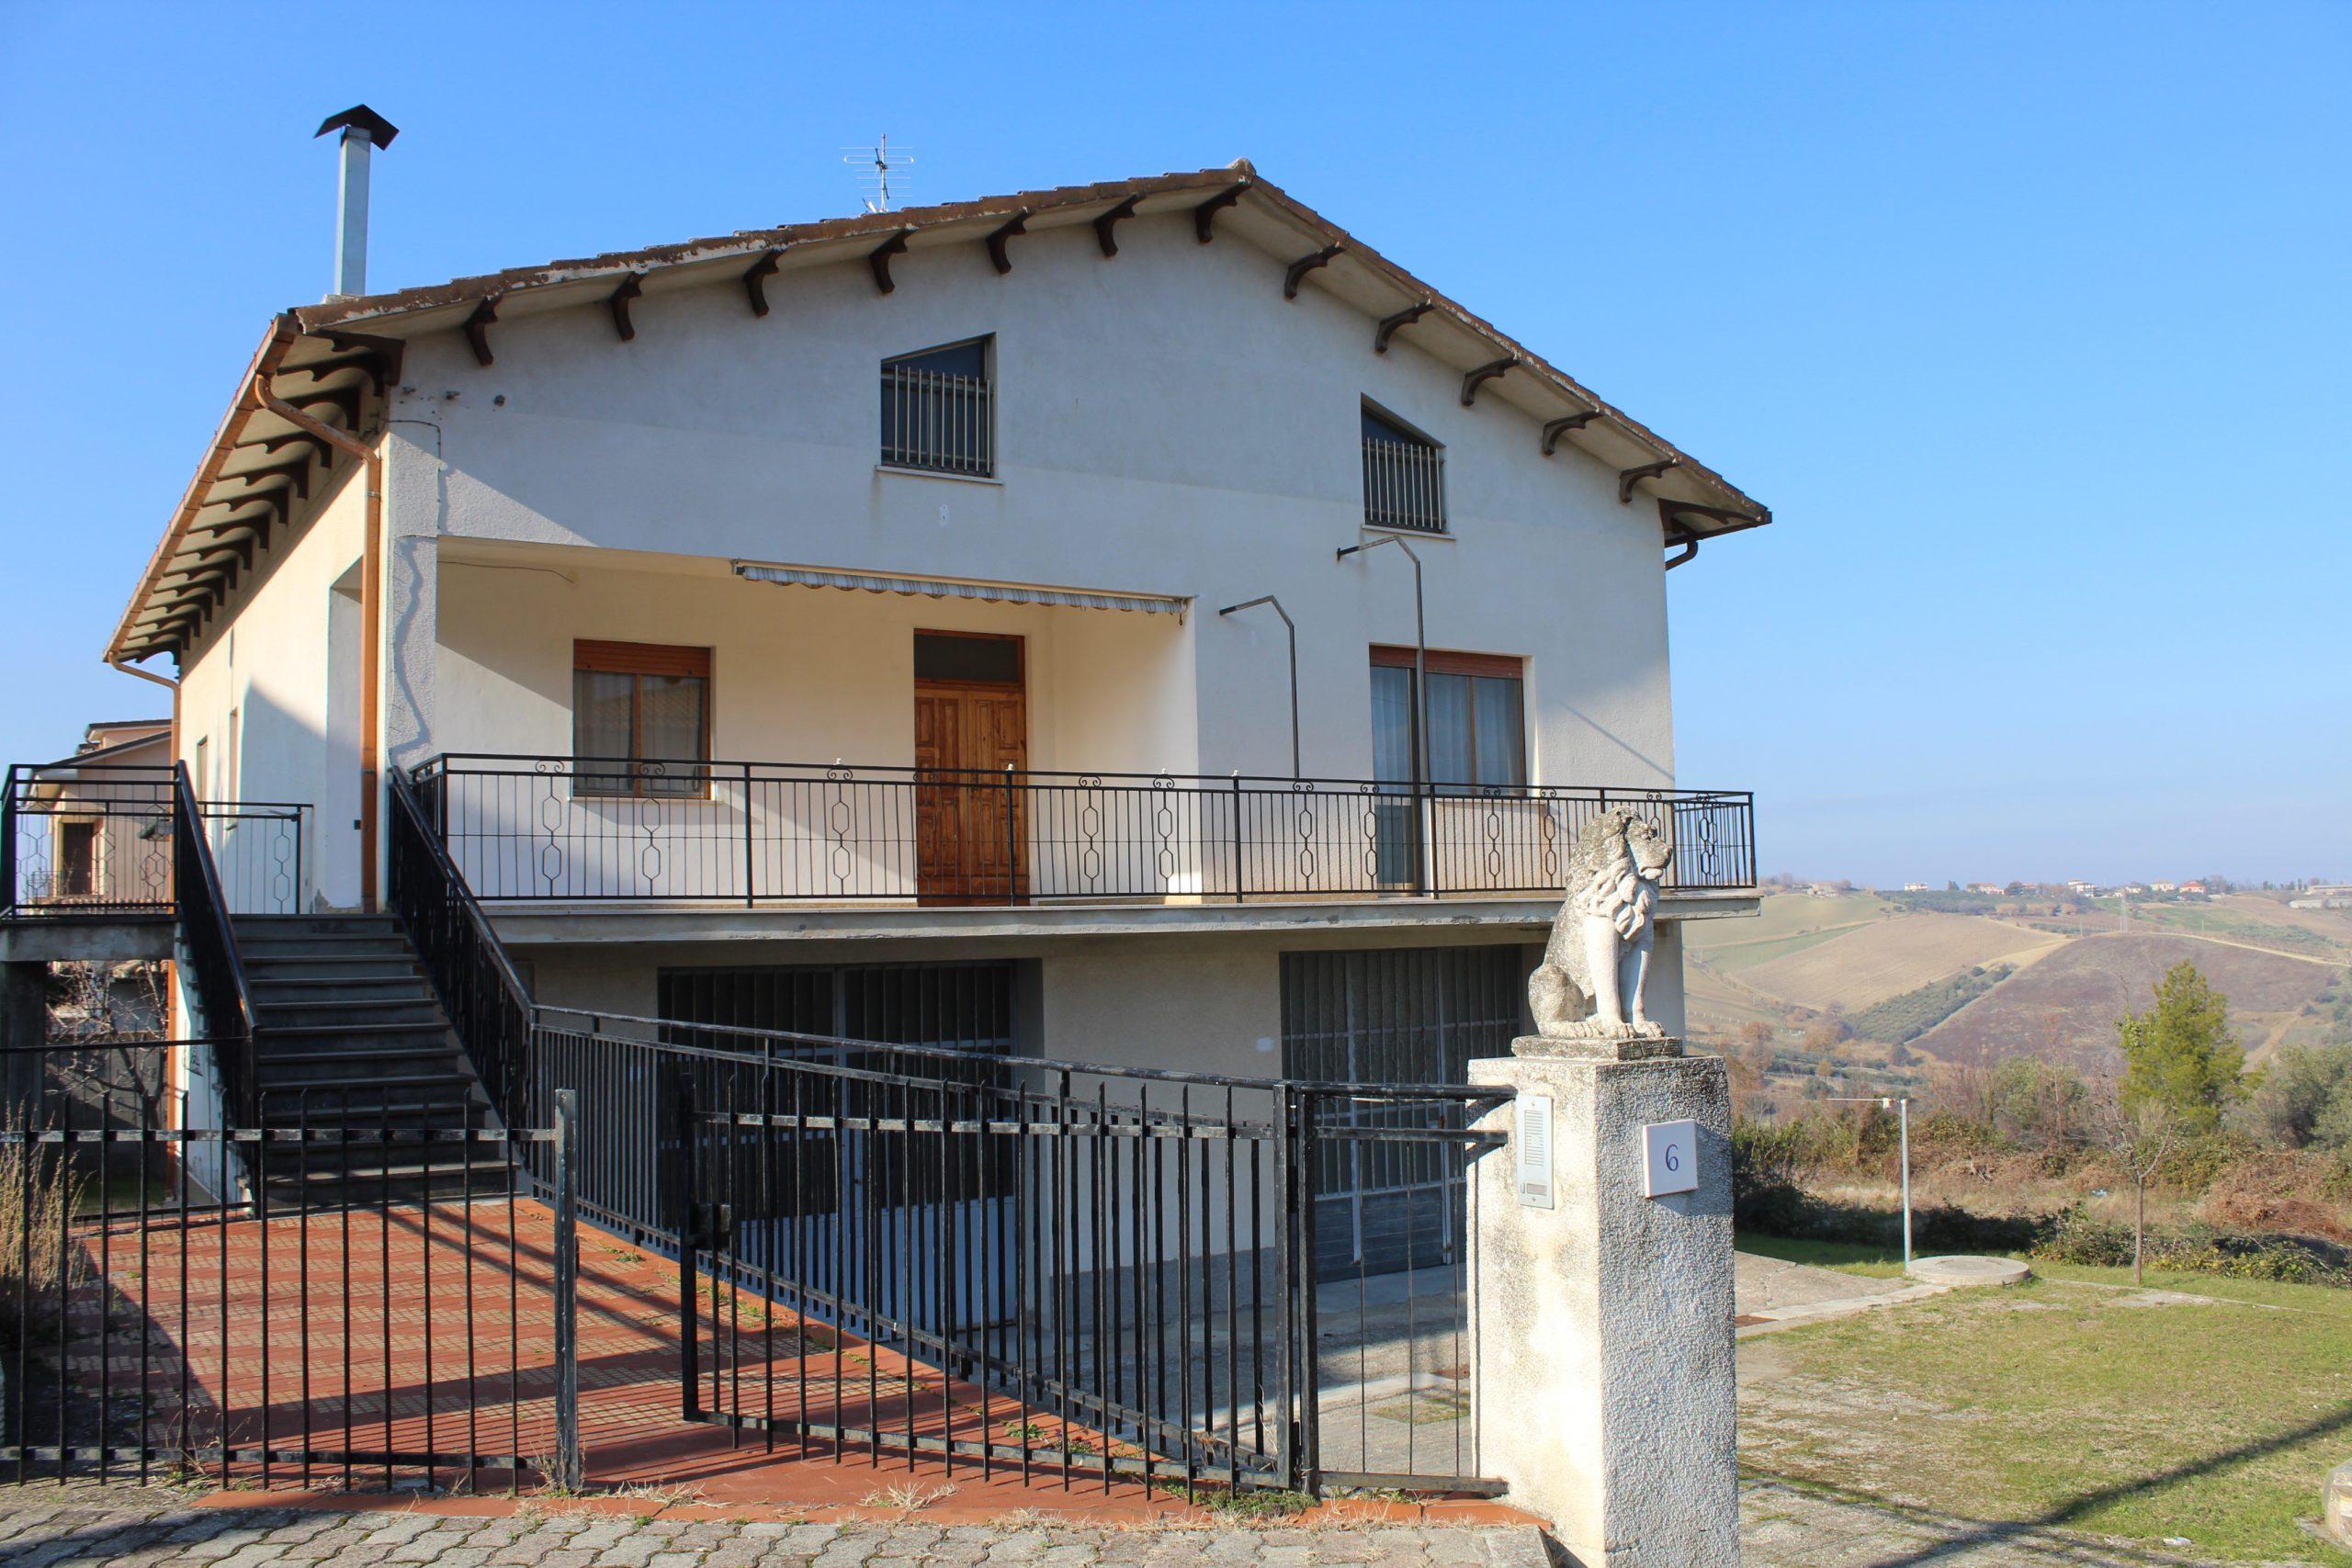 rif 1175 Scerni (CH) – Villa con splendida vista – € 260000